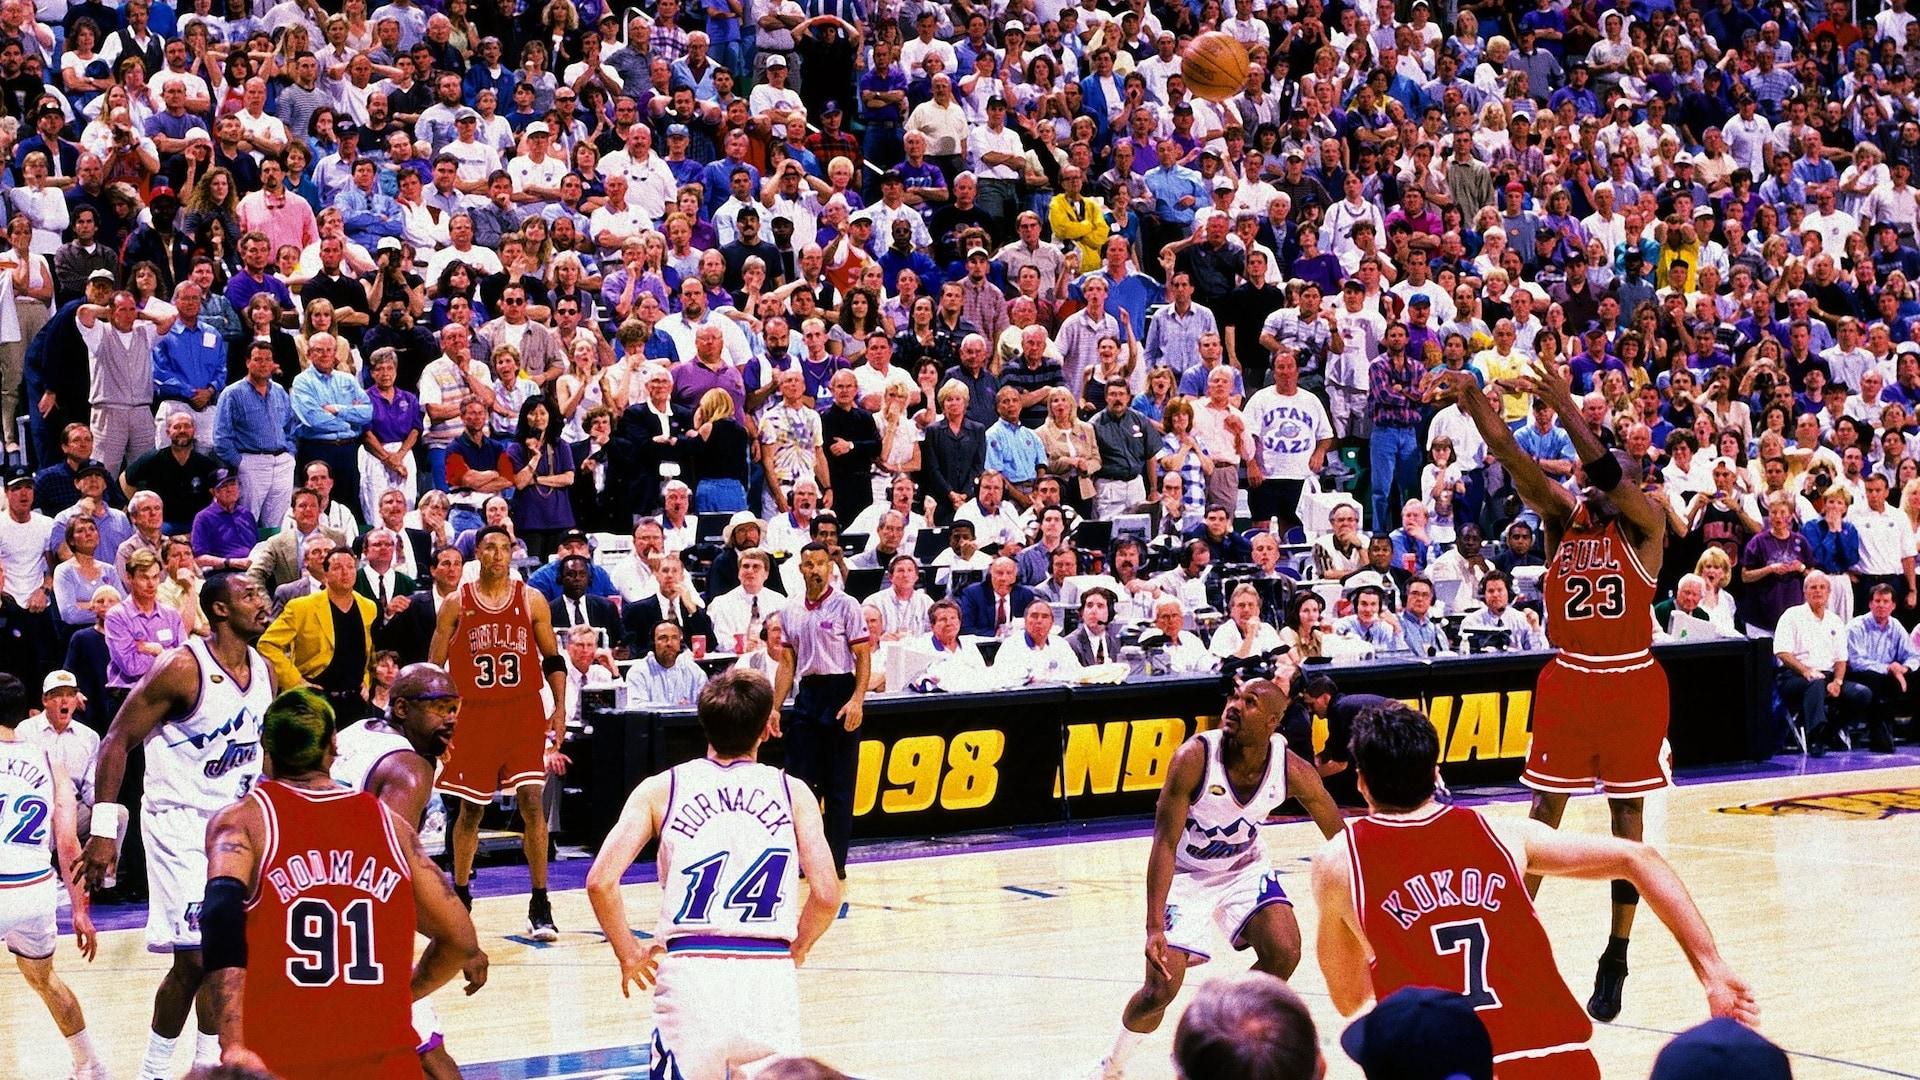 Top NBA Finals moments: Michael Jordan's jumper seals 1998 title